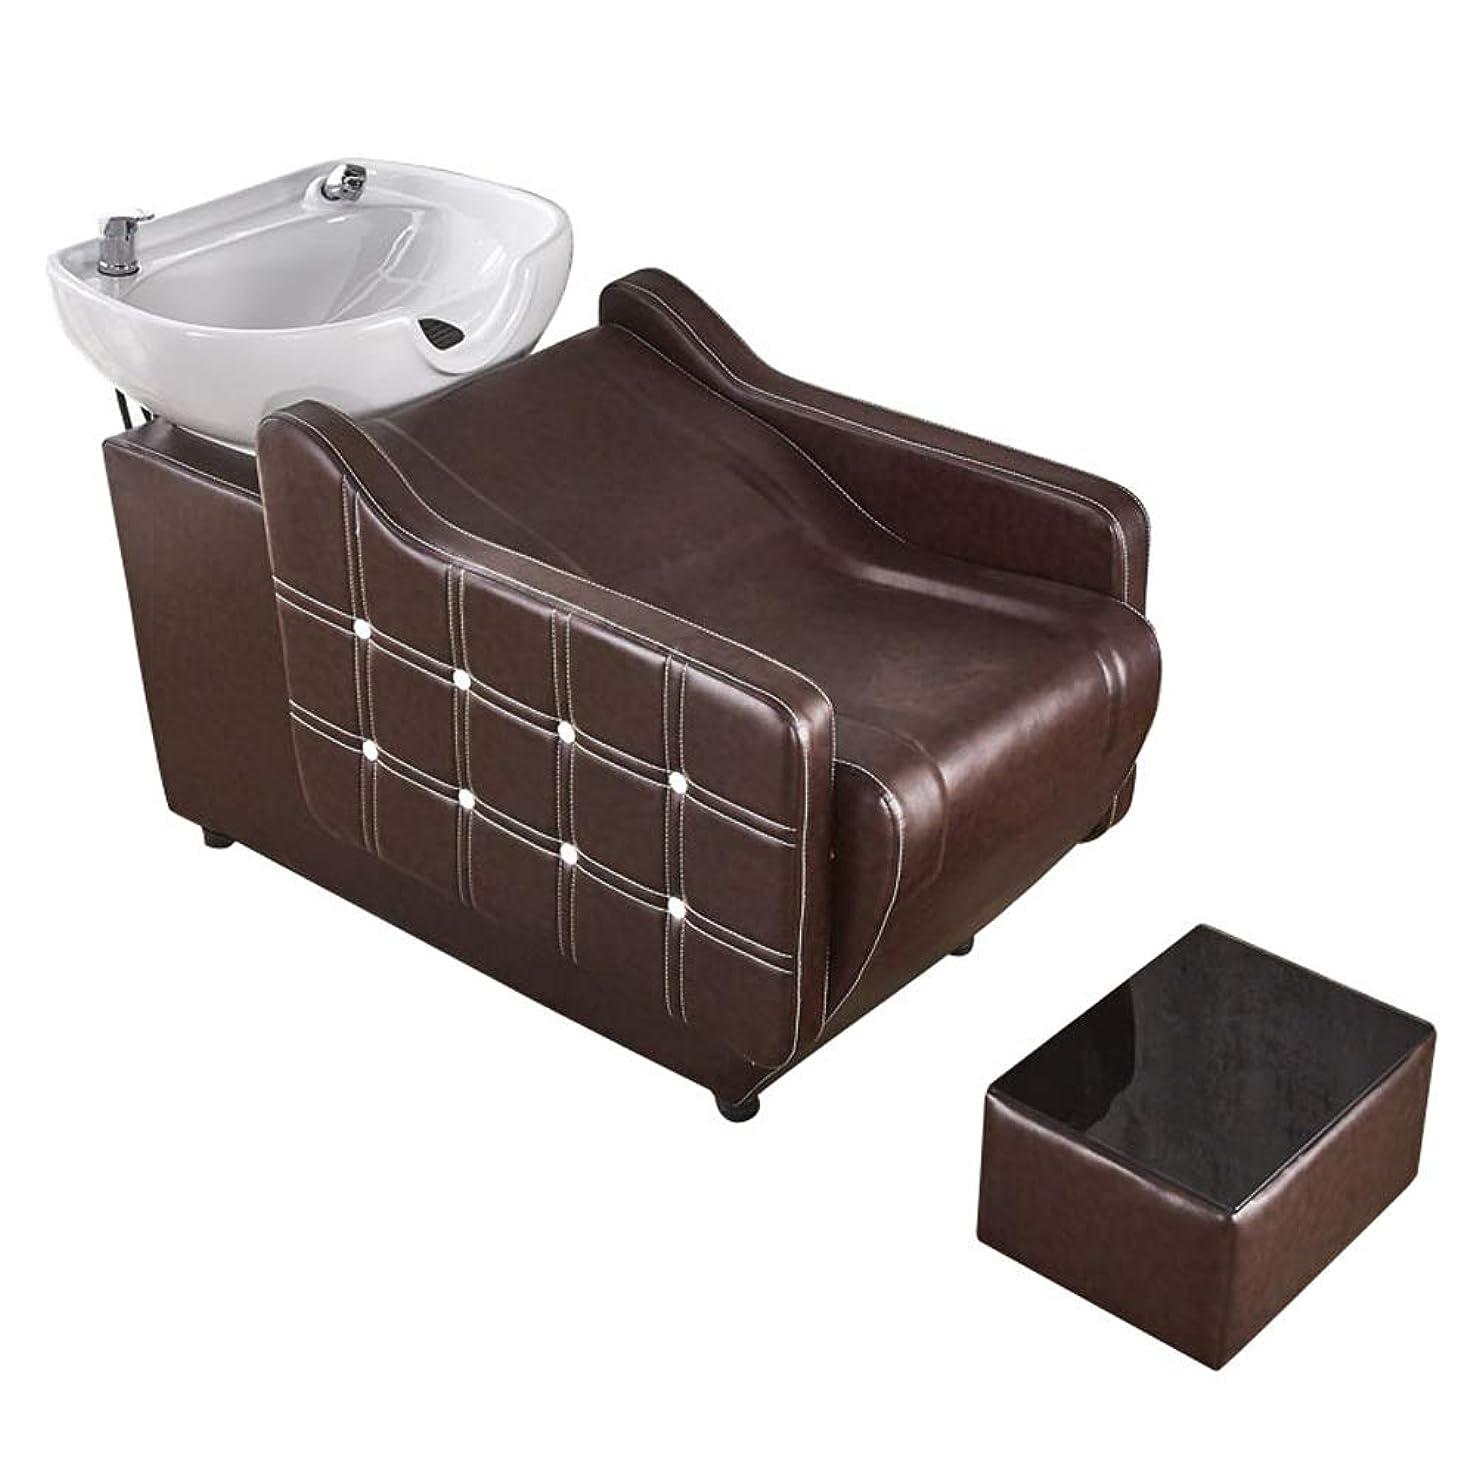 労苦コーチプラットフォームシャンプーチェア、理髪店の逆洗ユニットシャンプーボウル理髪シンクの椅子用スパ美容院